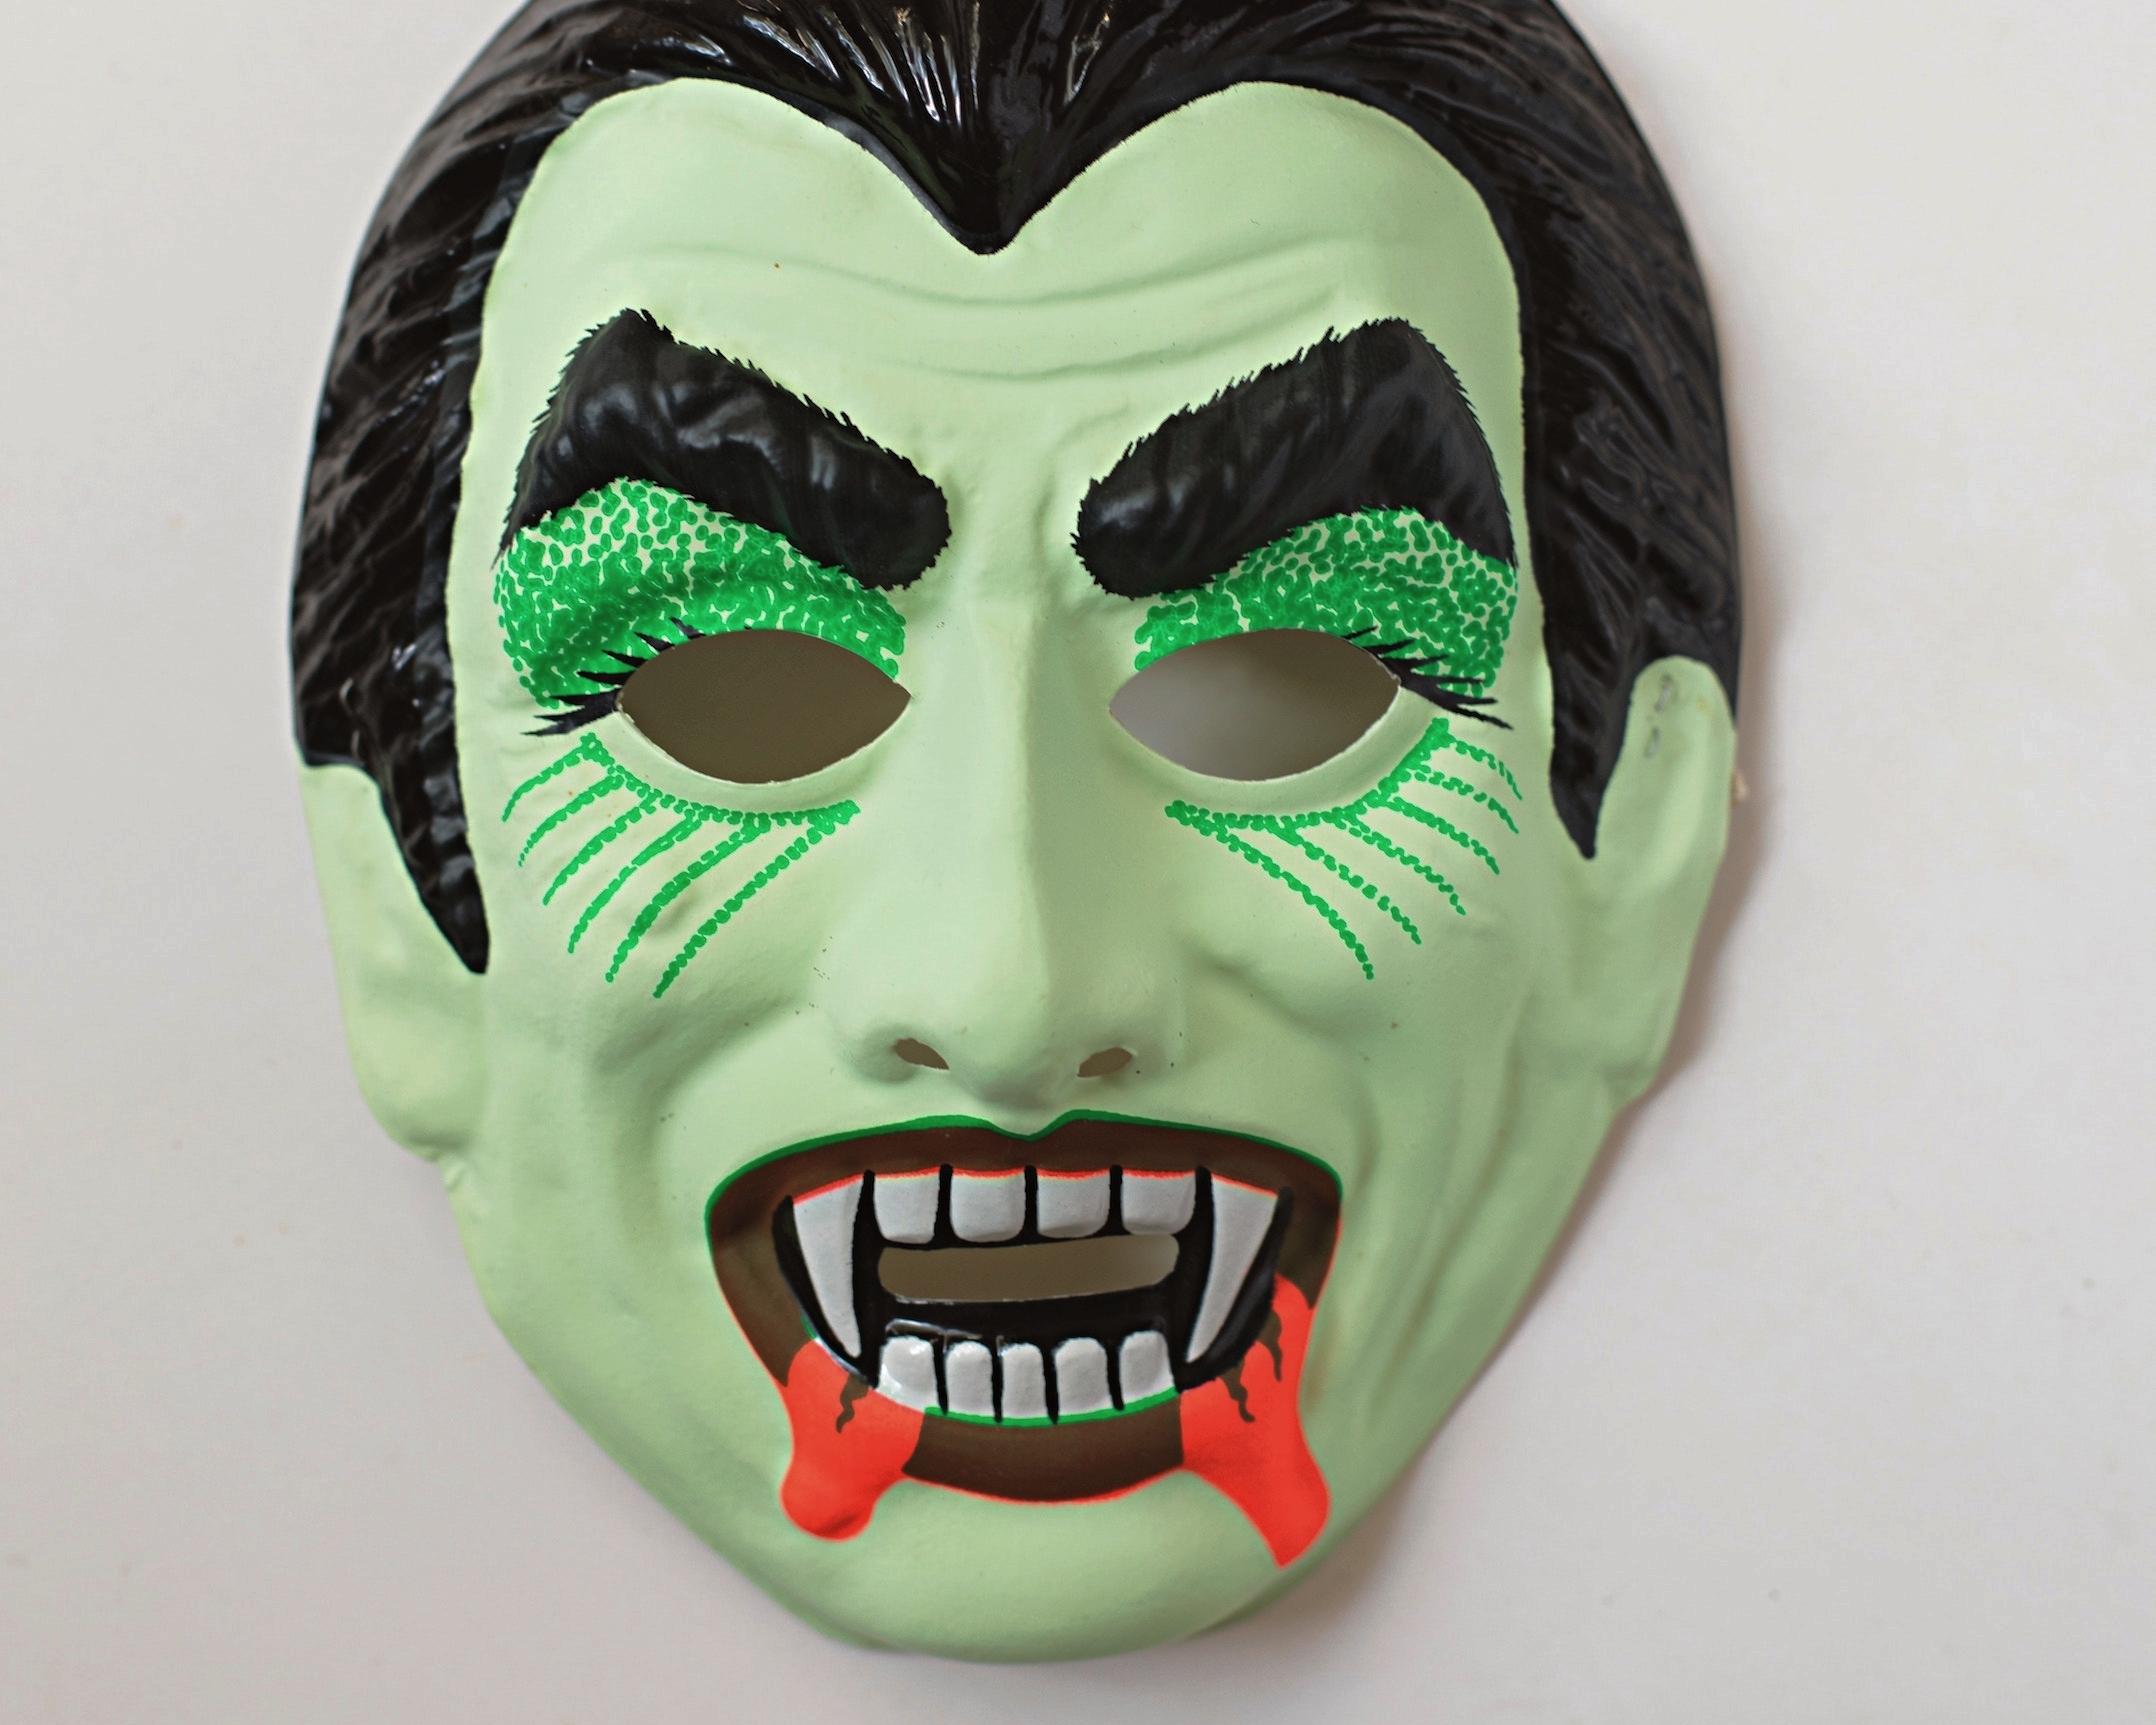 CPQ treats competitors the way Dracula treats his guests -